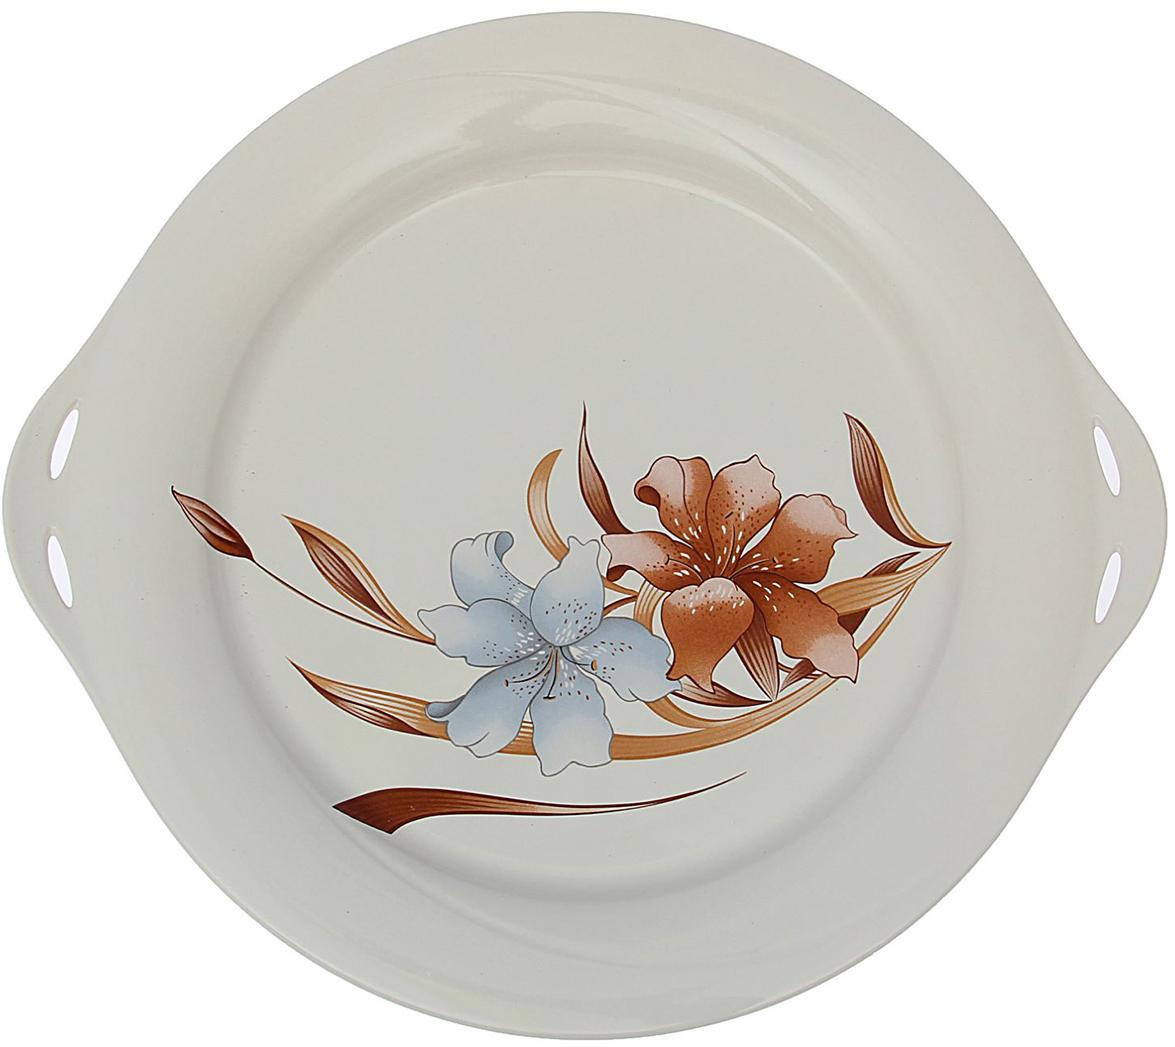 Блюдо Керамика ручной работы Лилия, диаметр 32 см1562922Это сервировочное блюдо понравится любителям вкусной и полезной домашней пищи. Такая посуда практична и красива, в ней можно хранить и подавать разнообразные блюда. При многократном использовании изделие сохранит свой вид и выдержит мытье в посудомоечной машине. В керамической емкости горячая пища долго сохраняет свое тепло, остуженные блюда остаются прохладными. Изделие не выделяет вредных веществ при нагревании и длительном хранении за счет экологичности материала. Блюда, поданные в такой посуде, выглядят привлекательно и аппетитно.